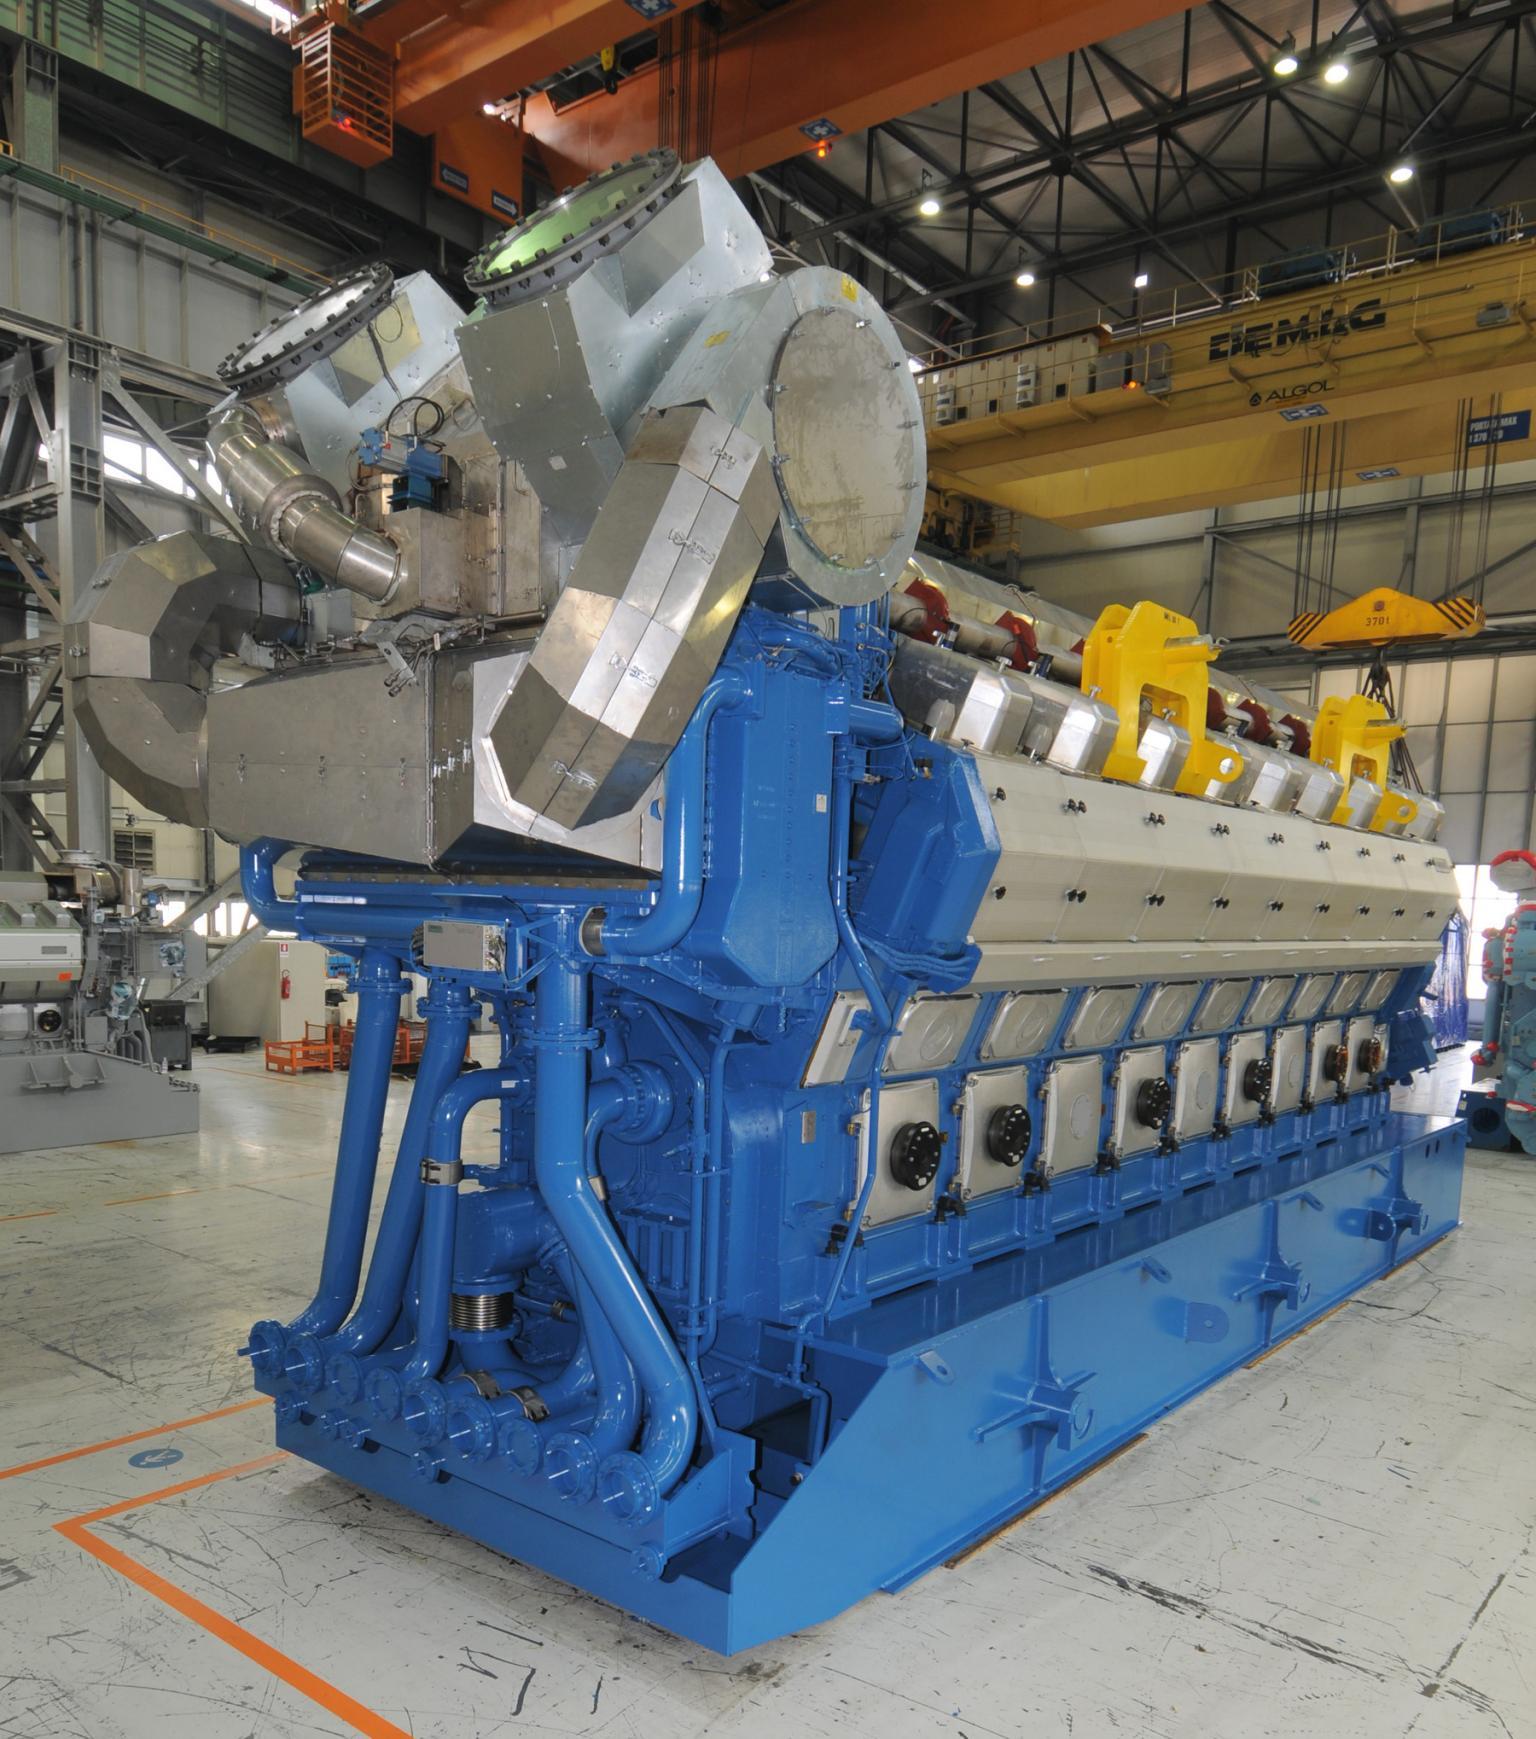 A Wärtsilä 50SG engine